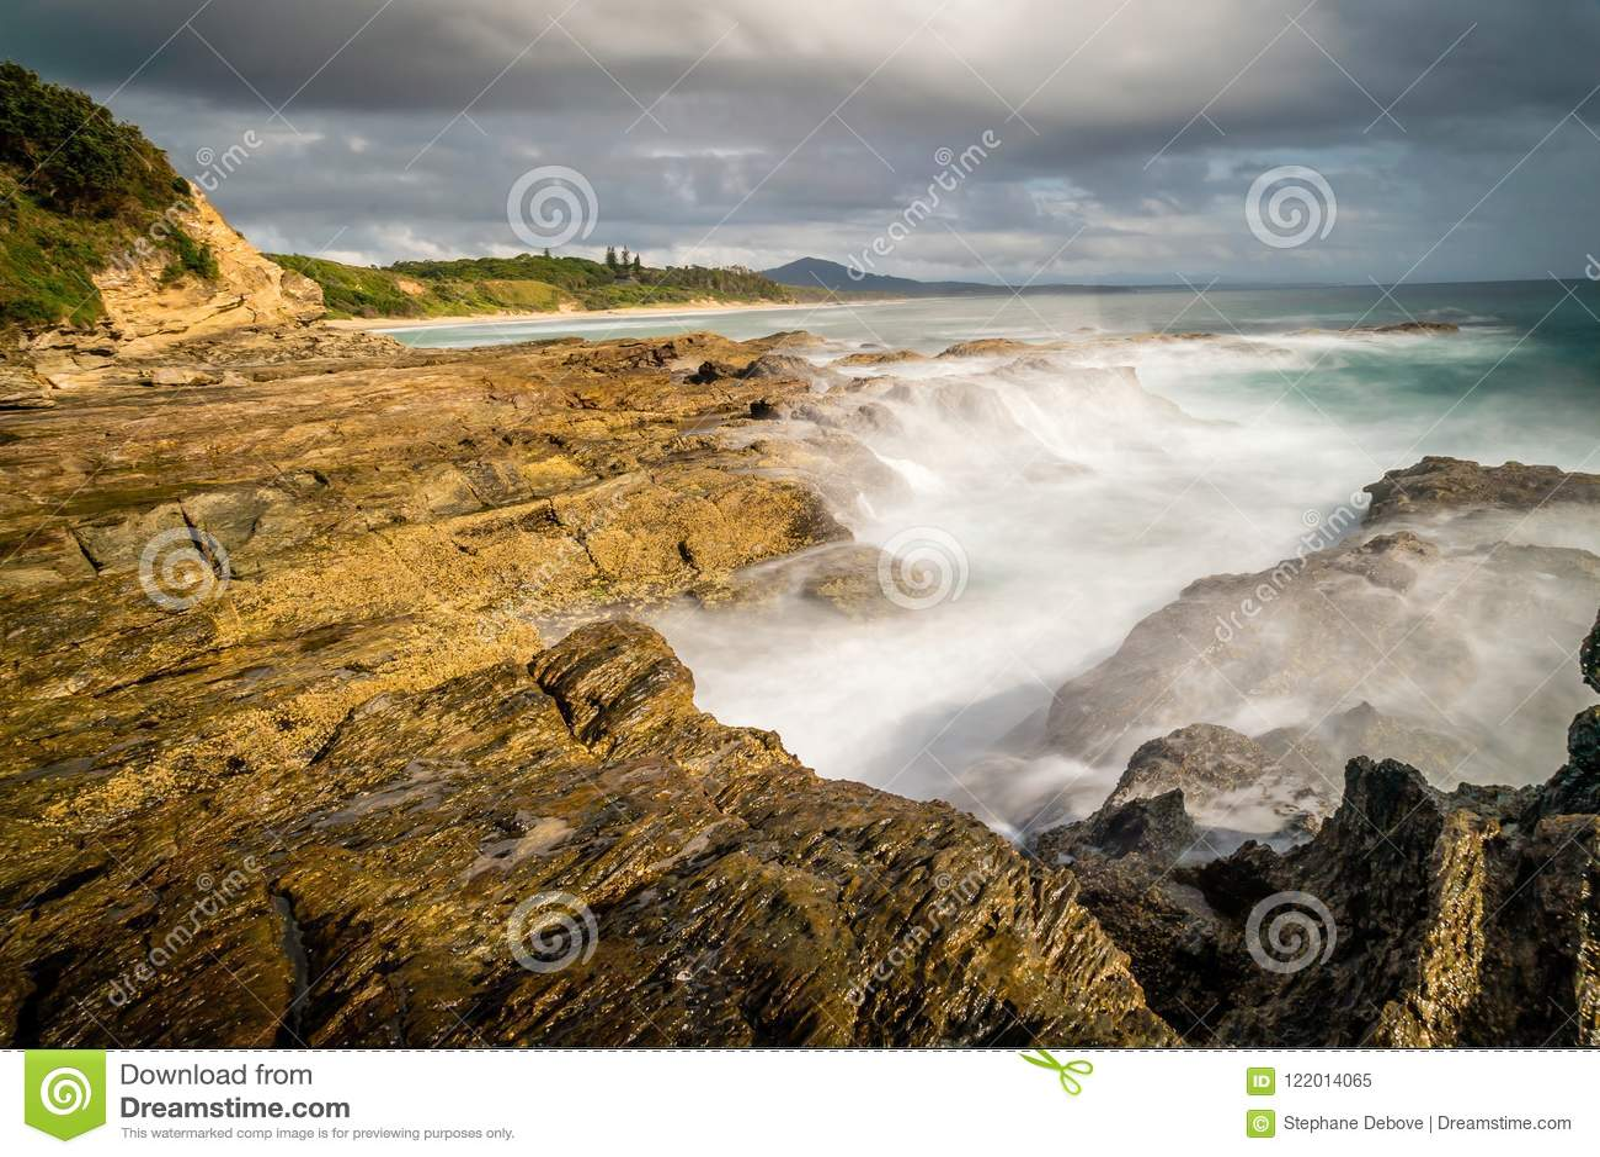 Ακτή στα κεφάλια Nambucca στη Νότια Νέα Ουαλία, Αυστραλία, μακρύς πυροβολισμός έκθεσης